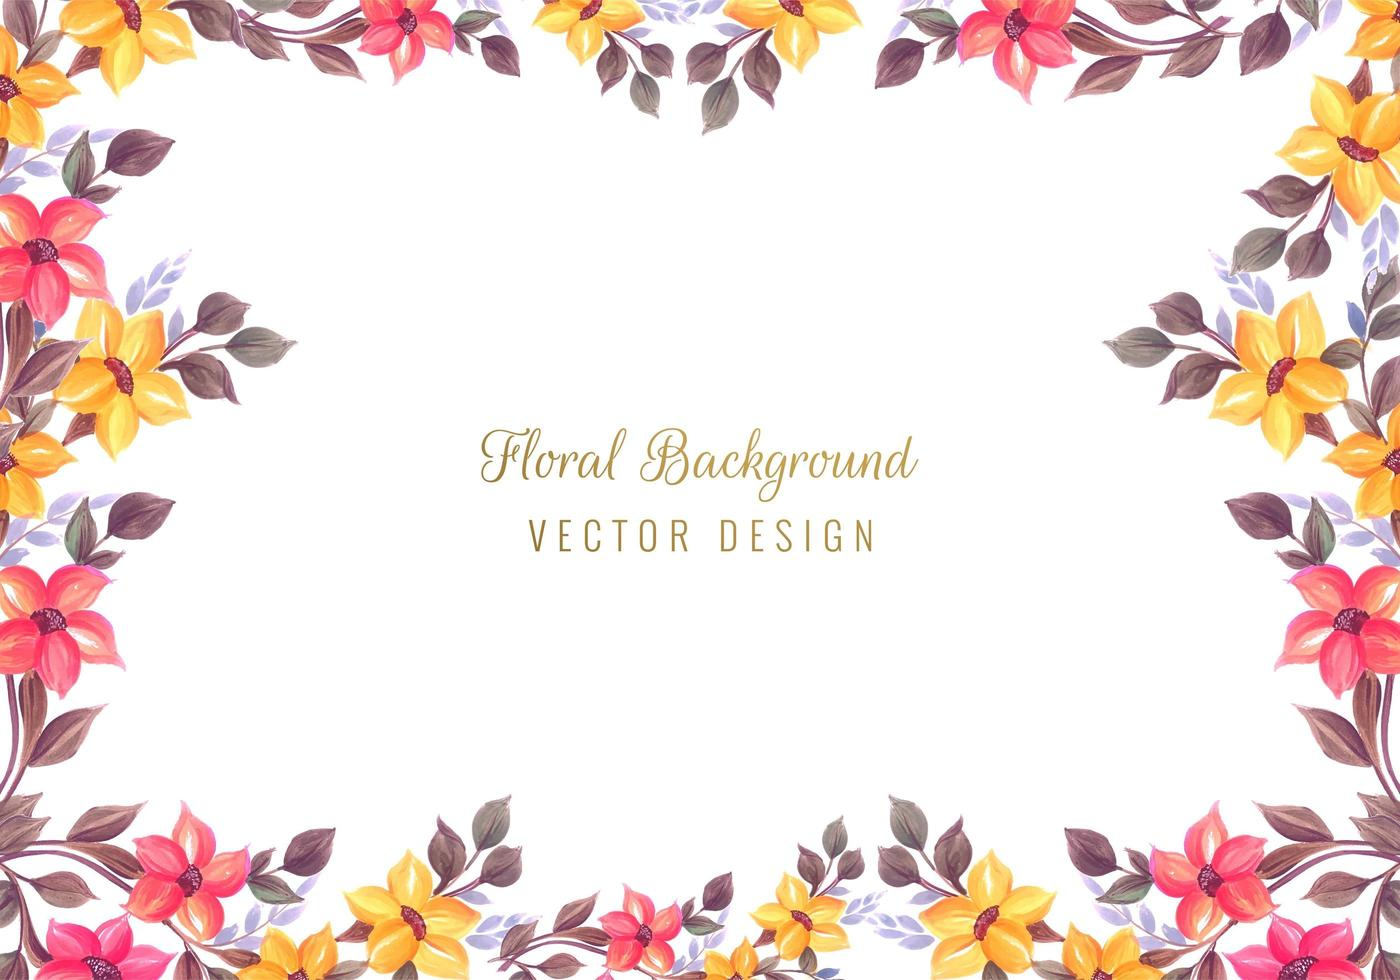 fundo decorativo colorido cartão floral frame vetor